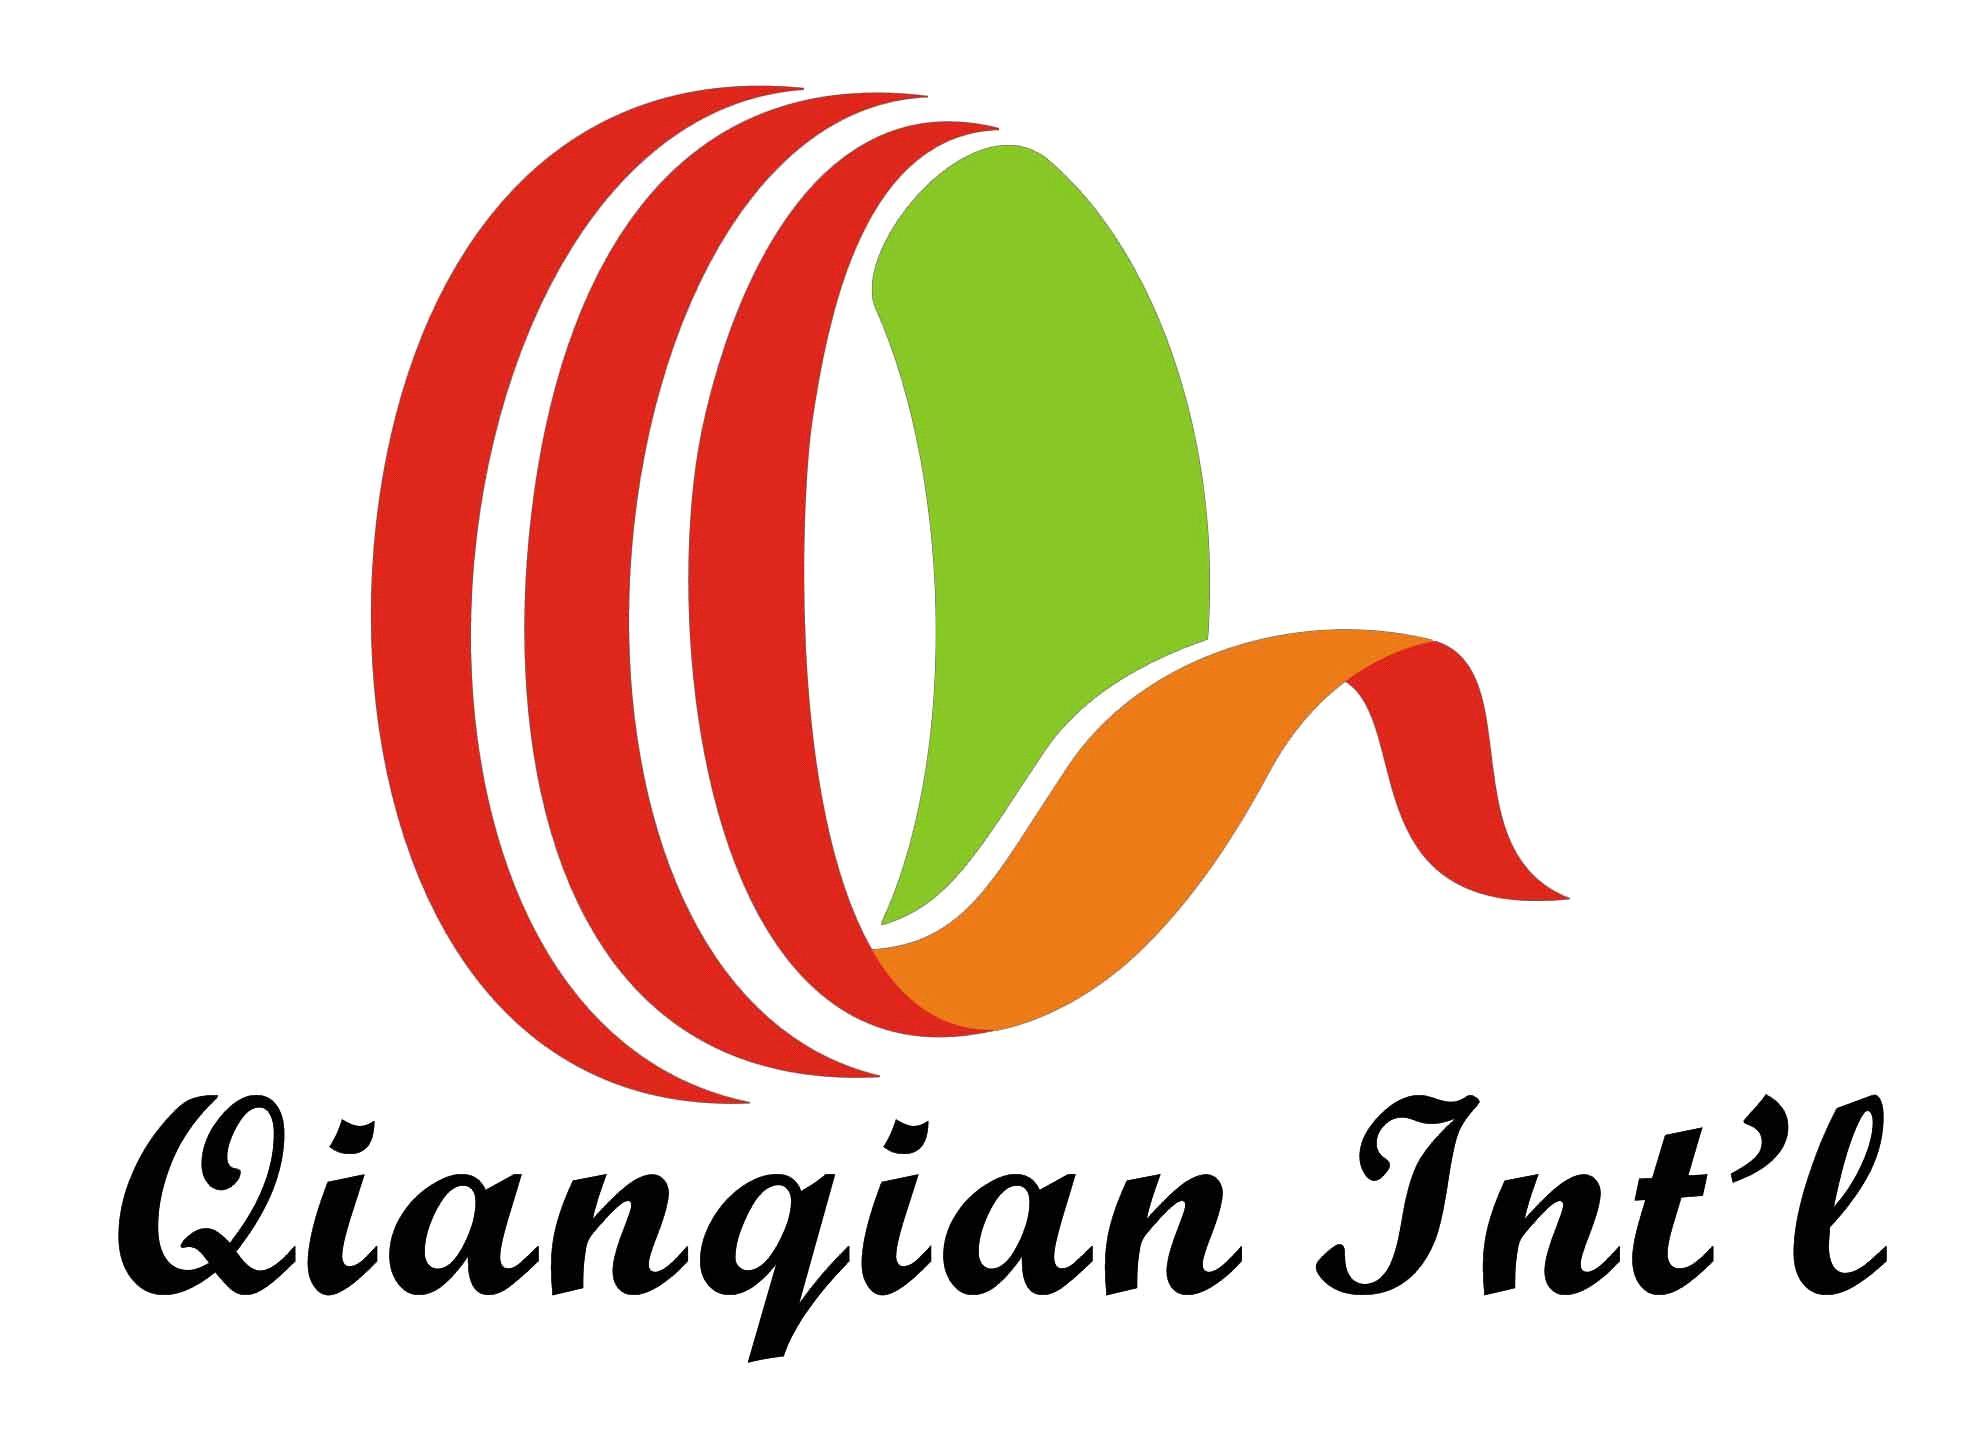 Guangzhou Qianqian Textile Craft Factory logo